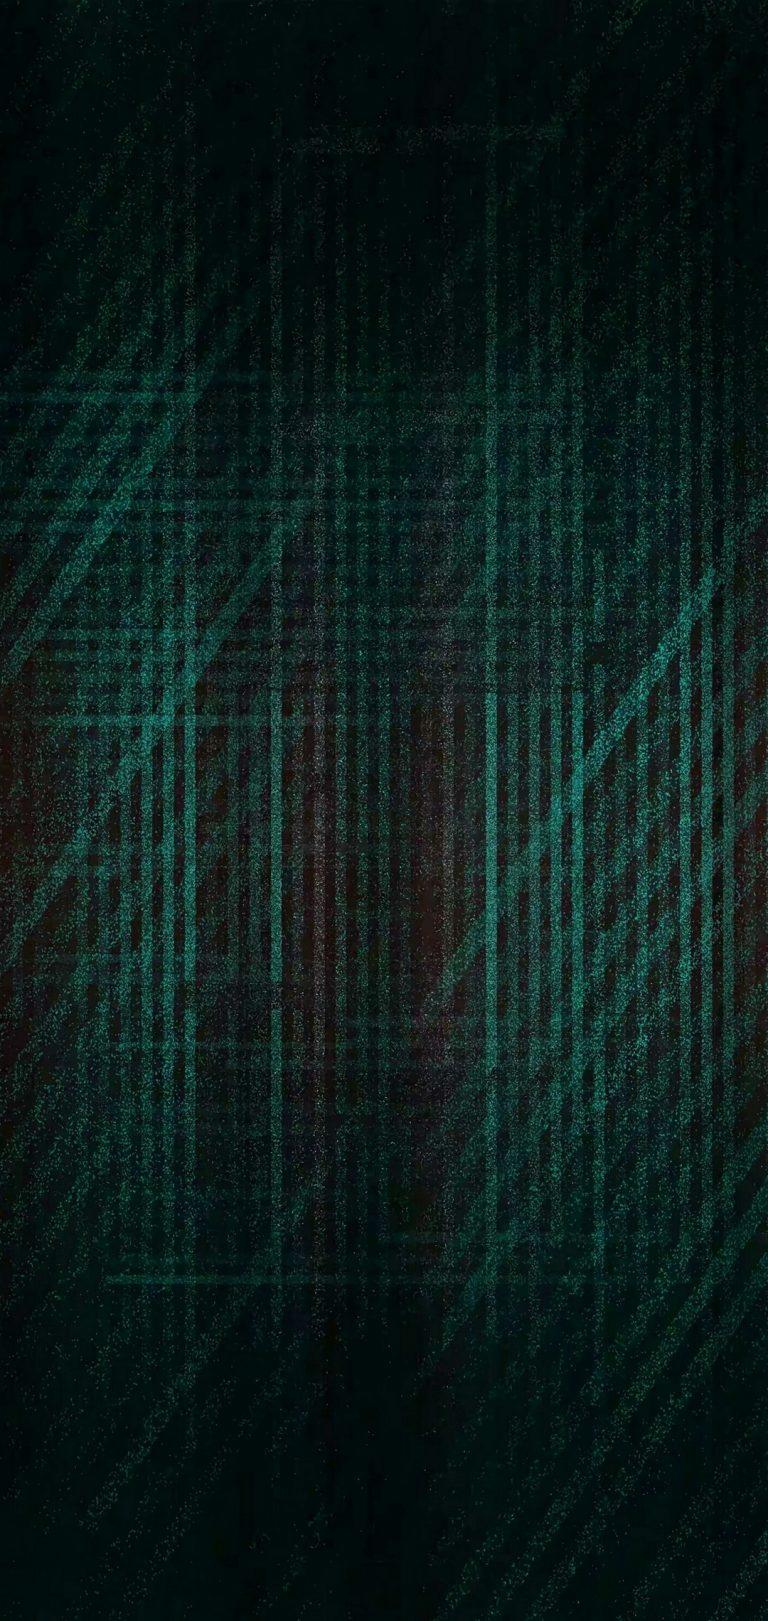 1080x2280 Wallpaper 140 768x1621